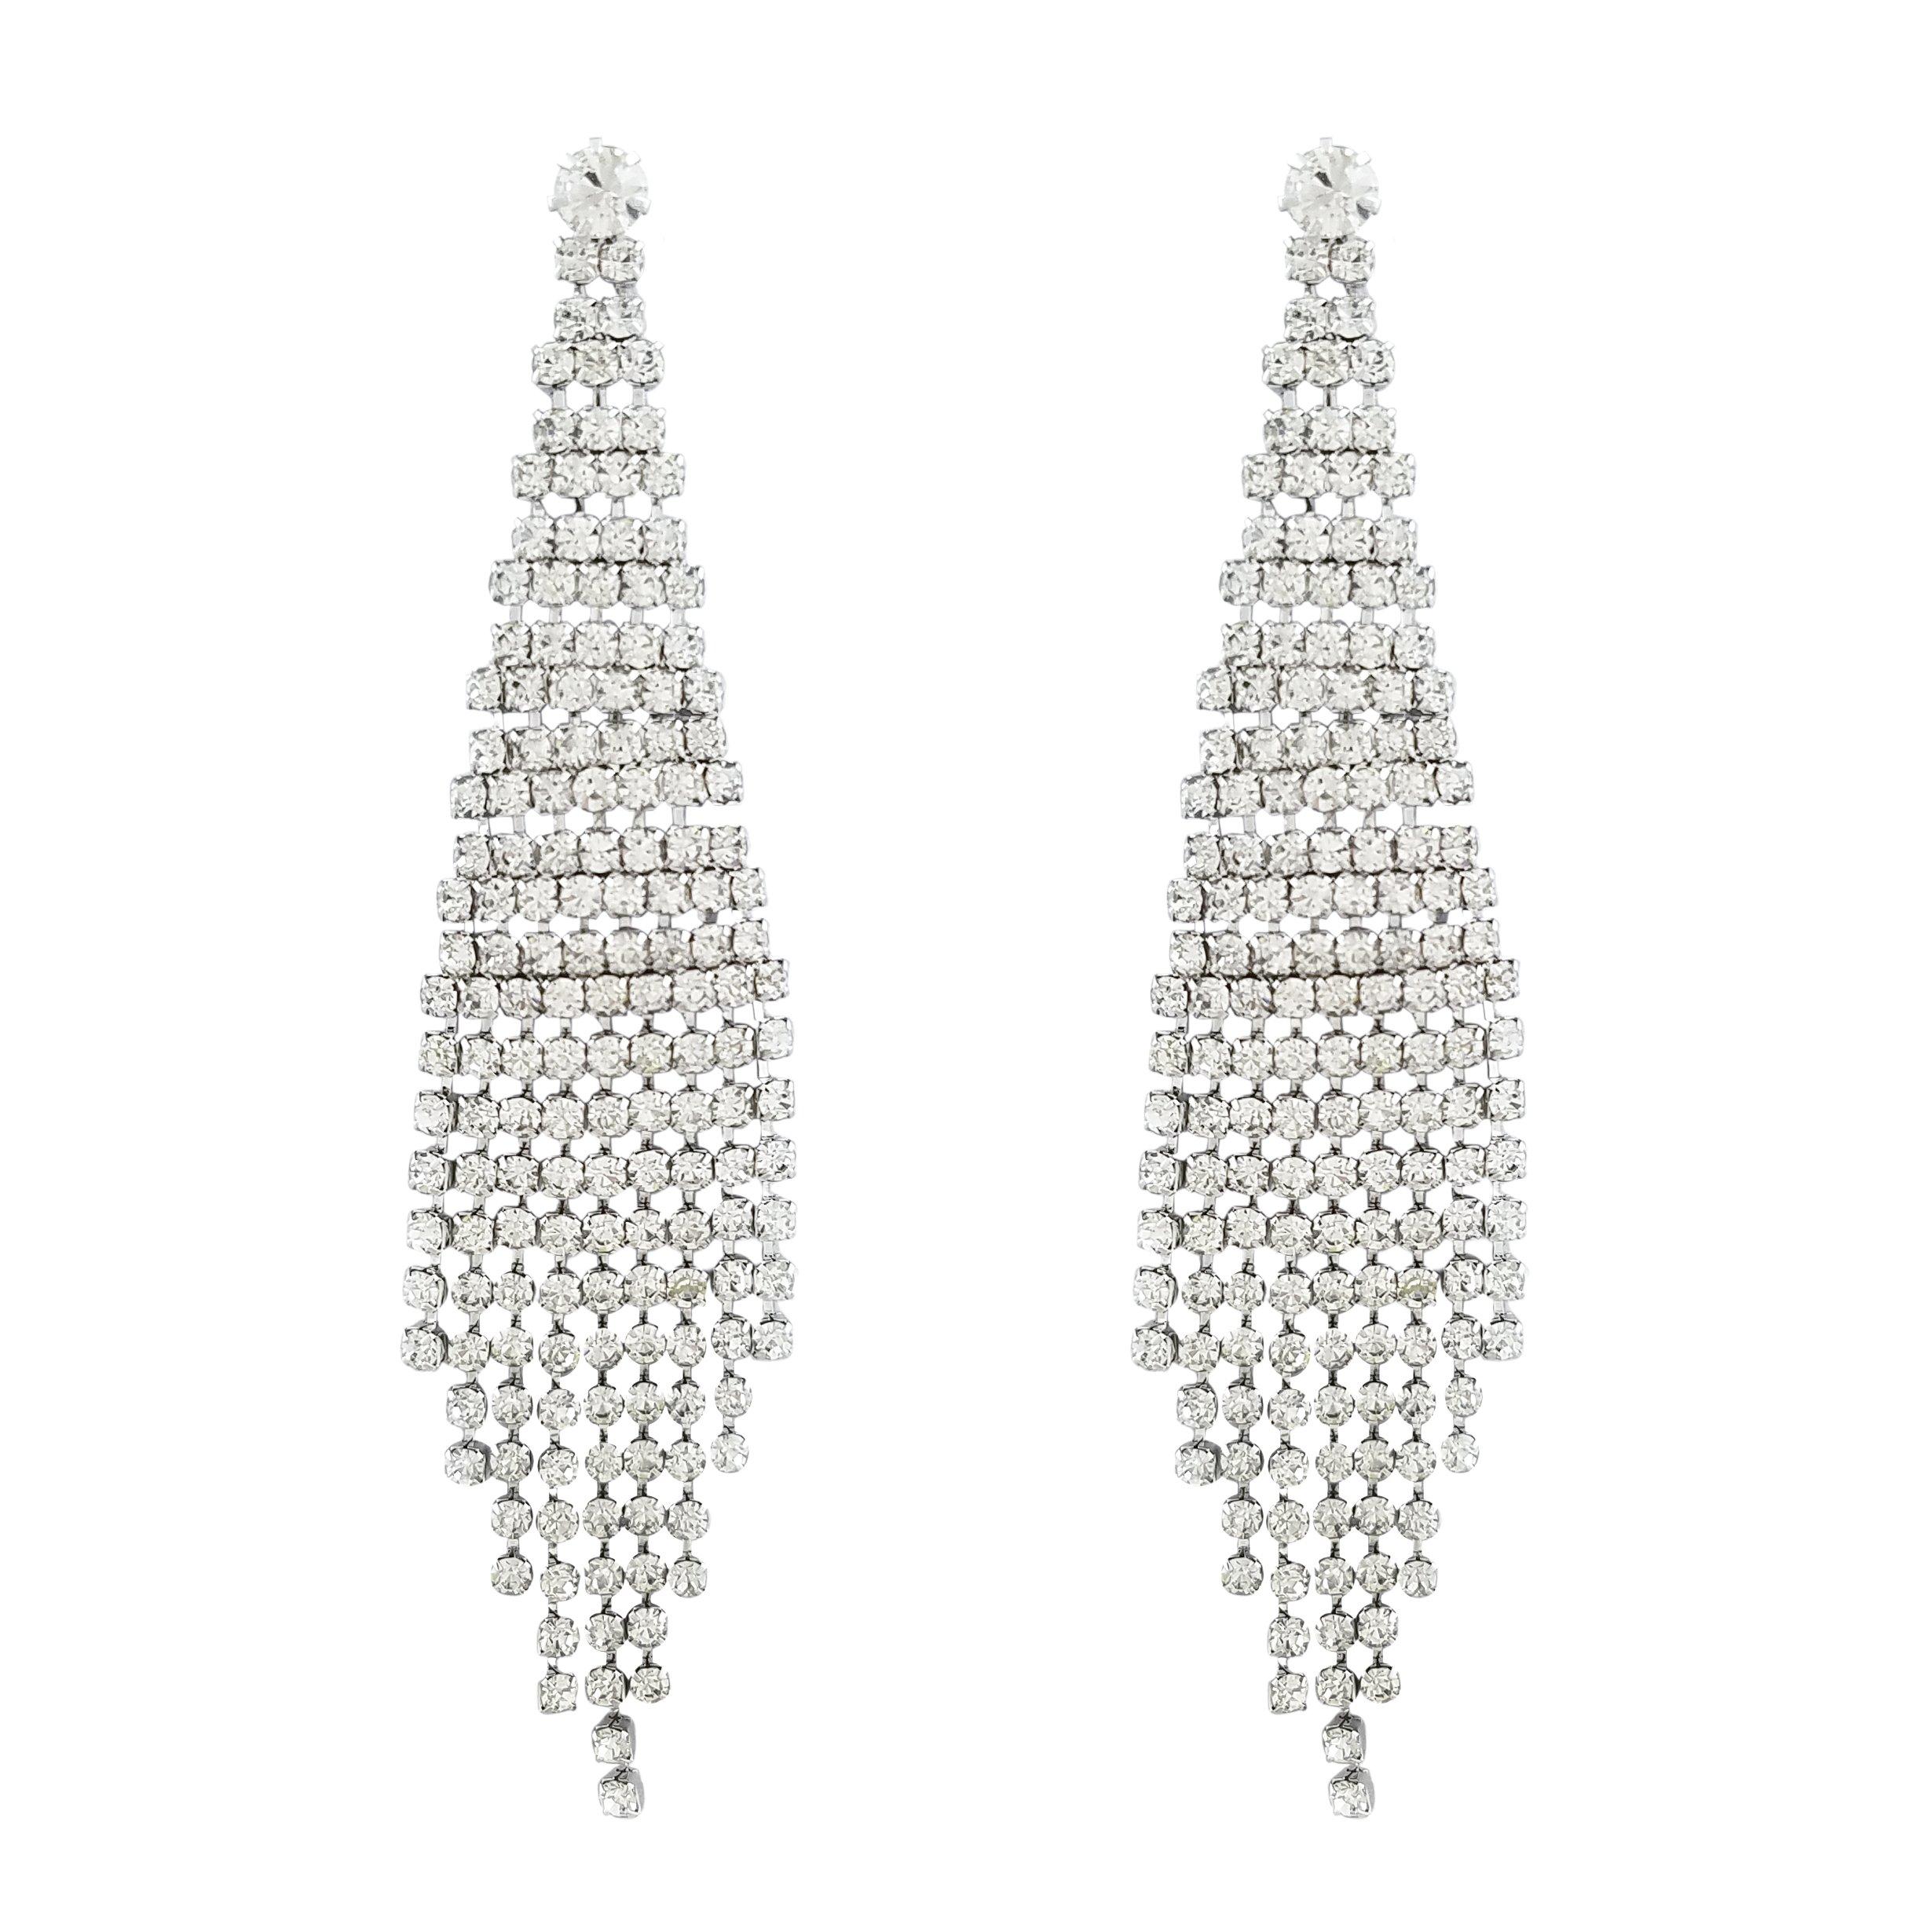 SELOVO Chandelier Dangle Dangly Chain Tassel Earrings Silver Tone Crystal xXP0Lc3hs9